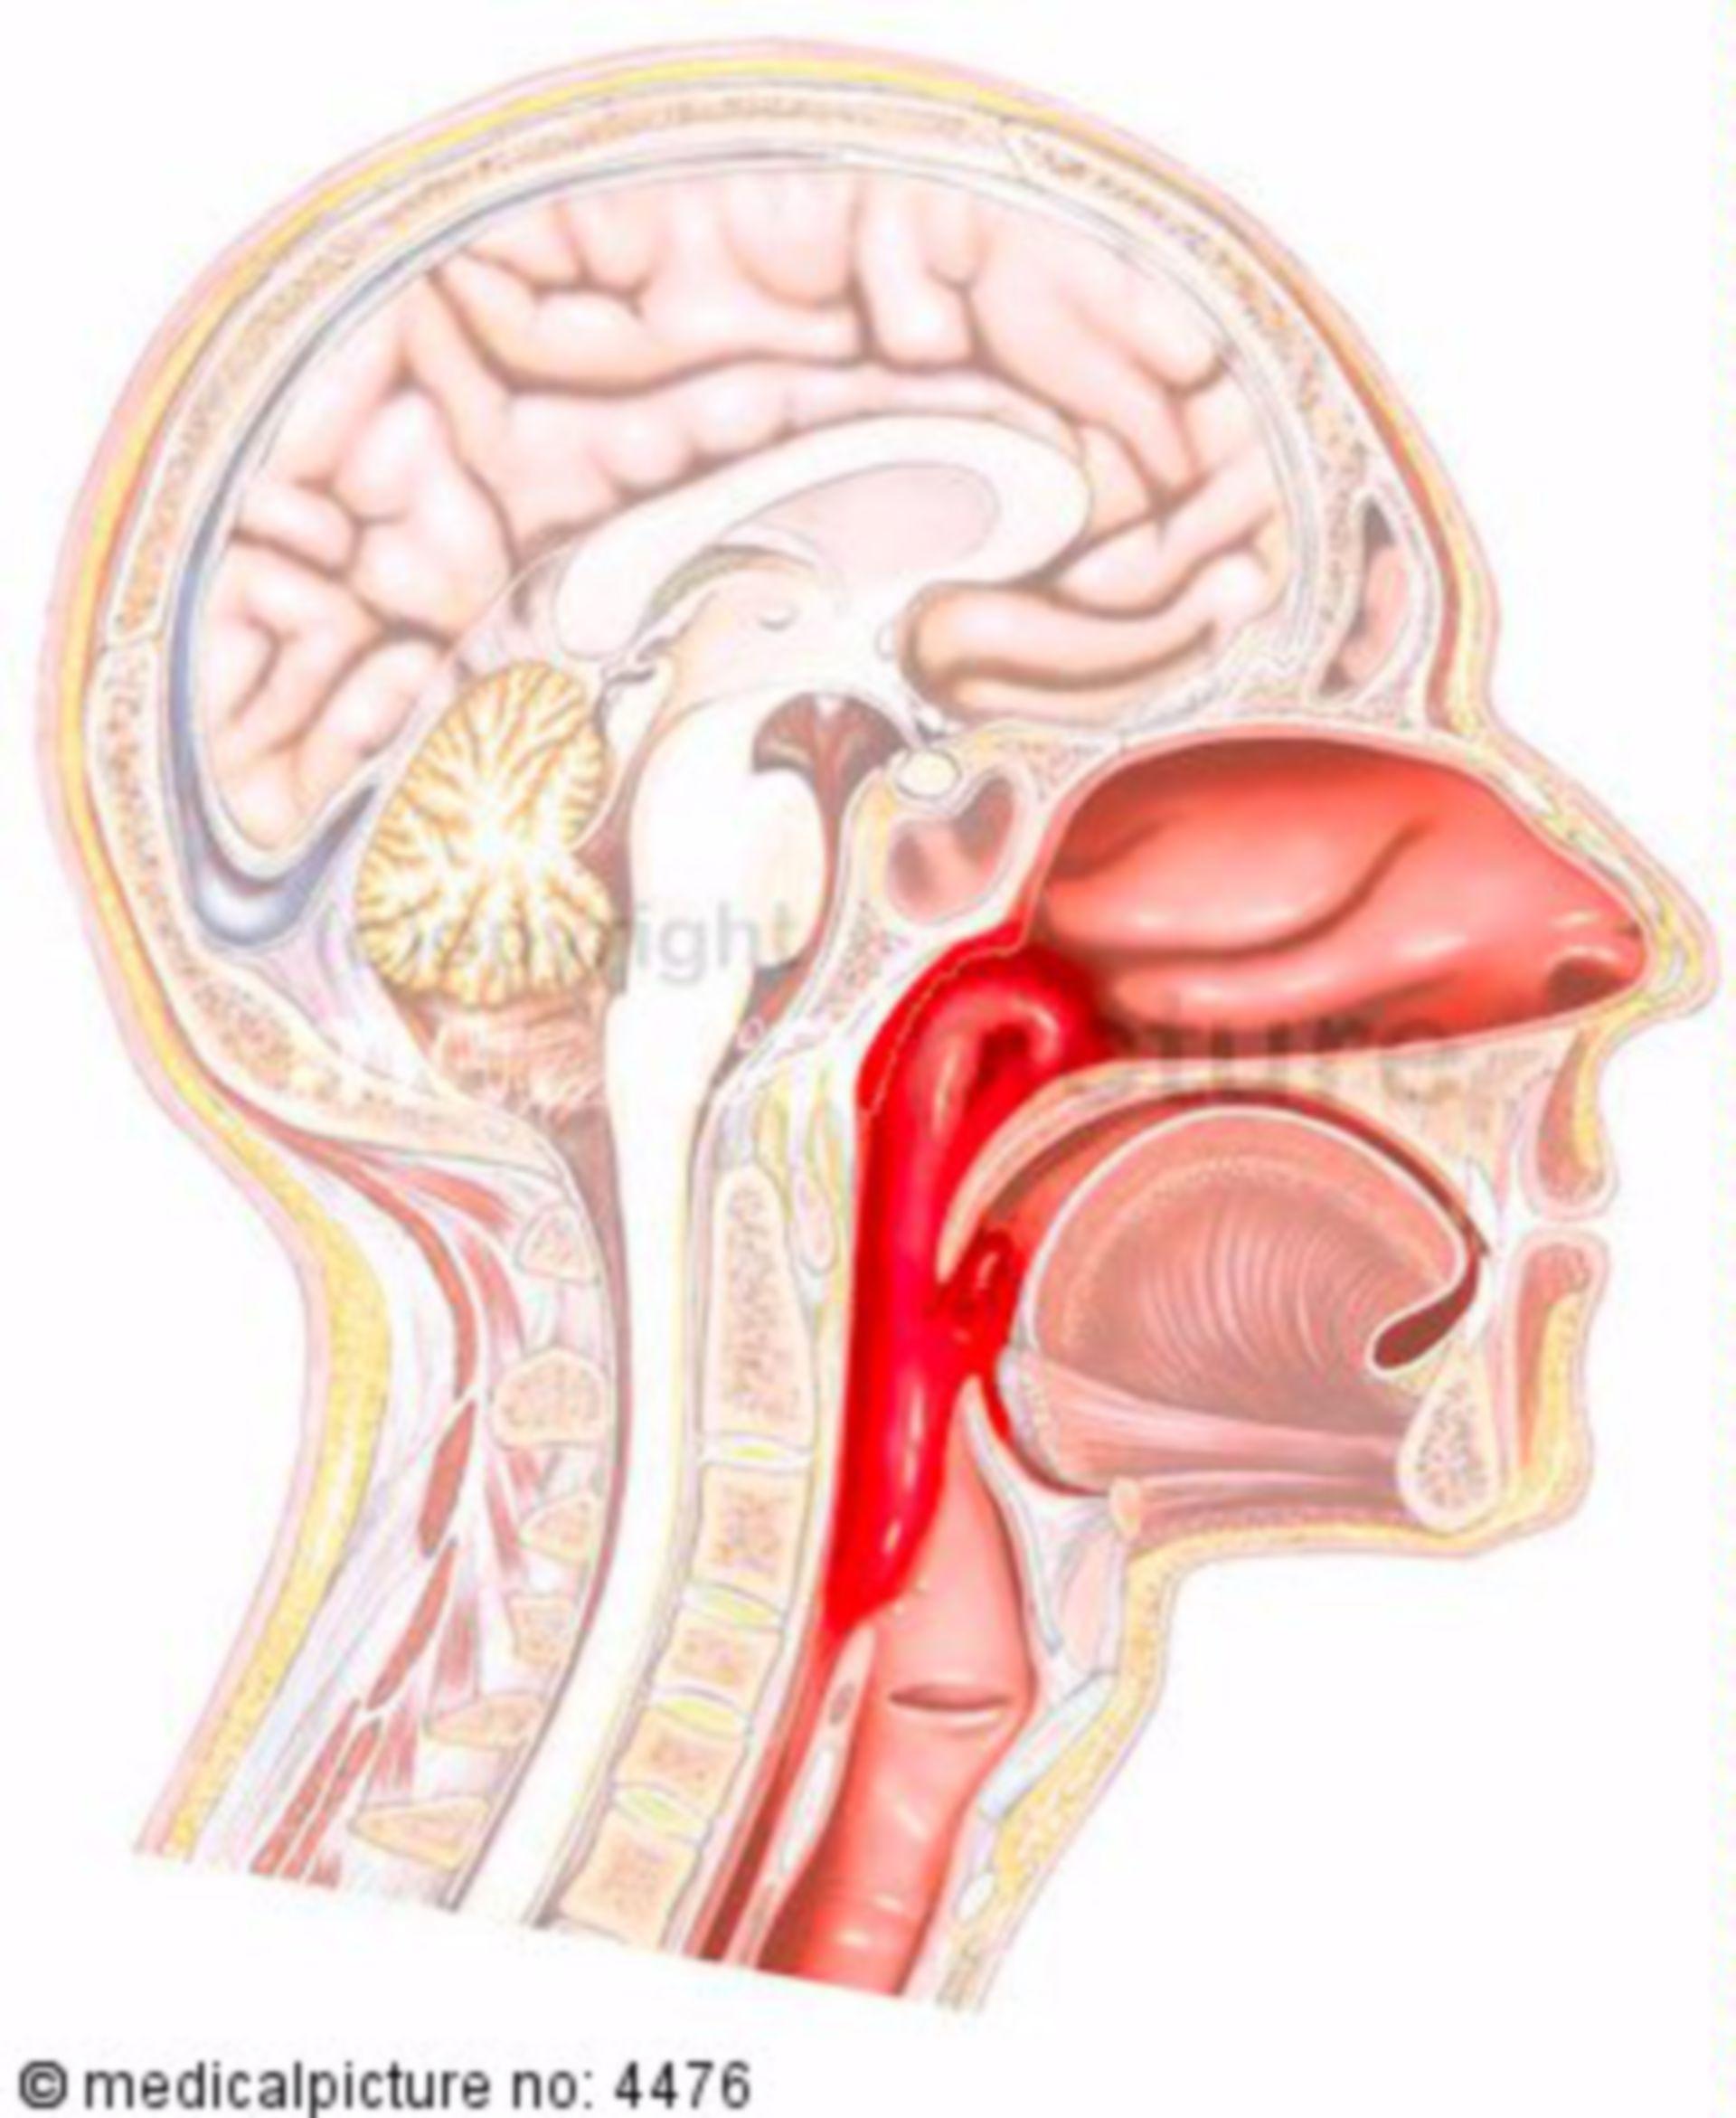 Sezione longitudinale della testa